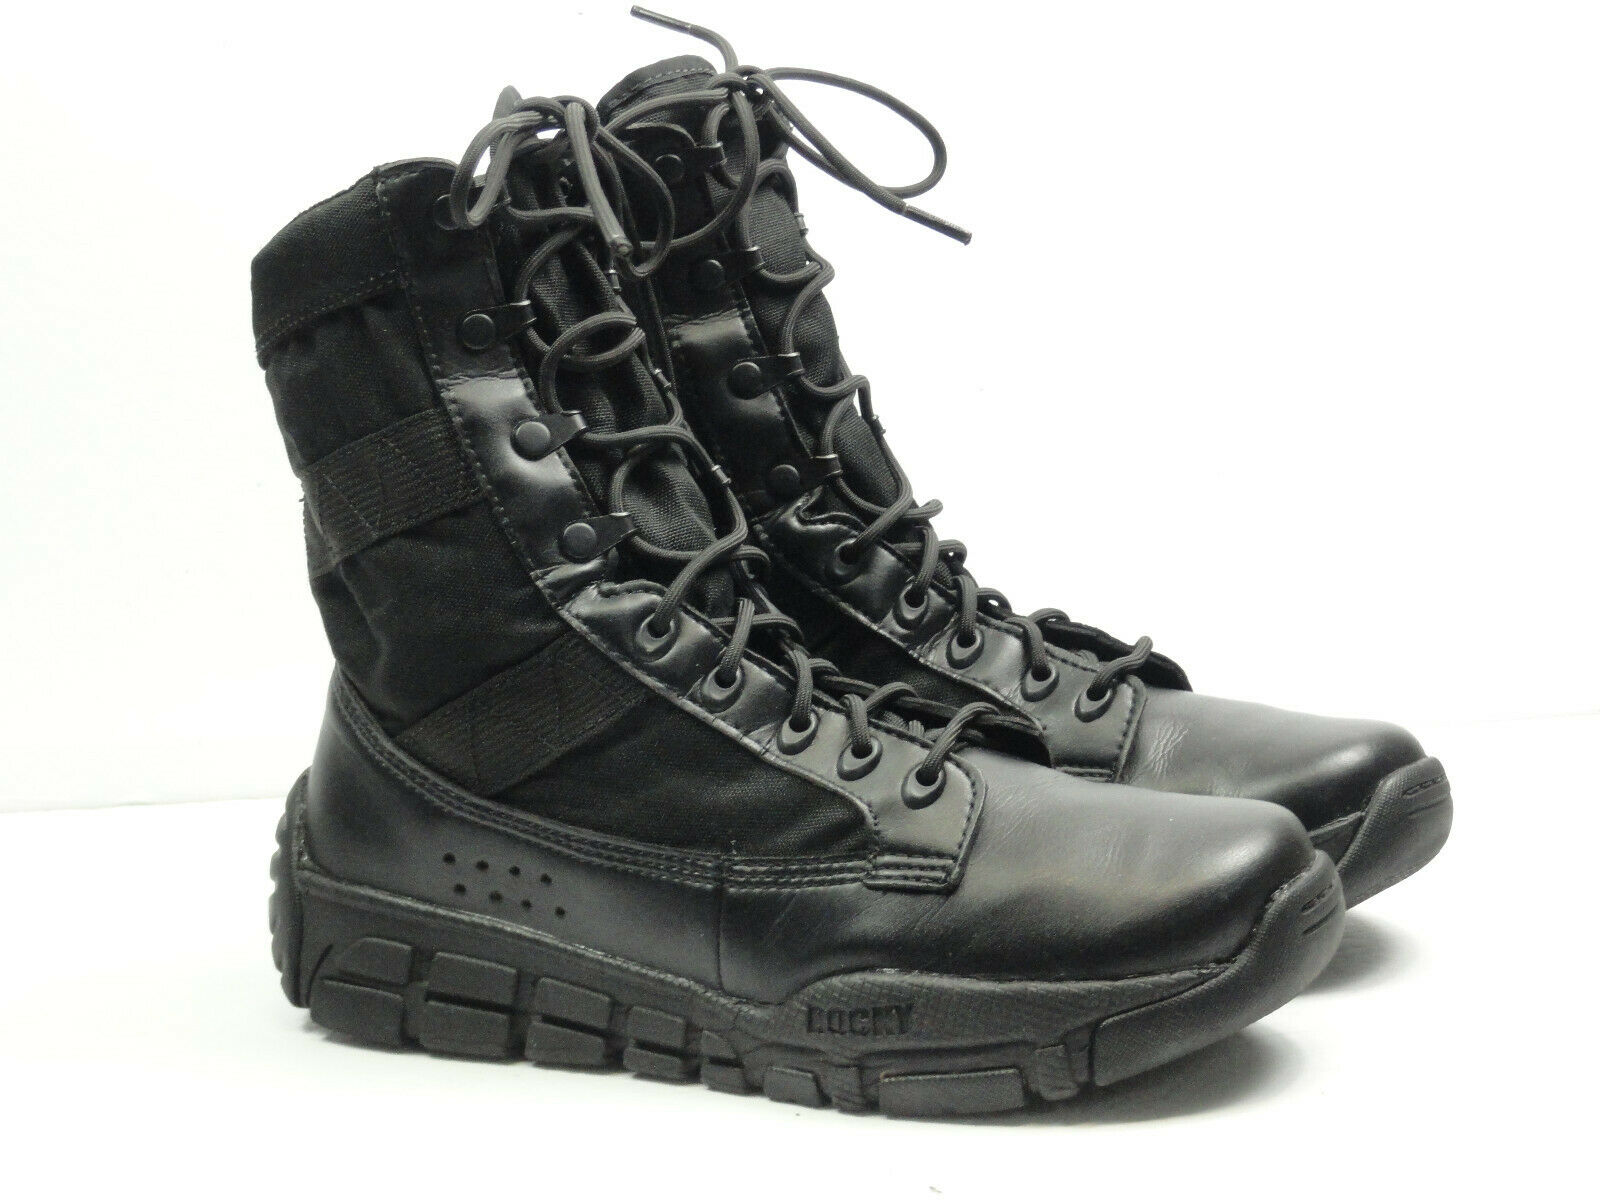 Rocky Herren 8   C4T Militär Inspiriert Duty Stiefel RY008 Schwarz Größe 8W